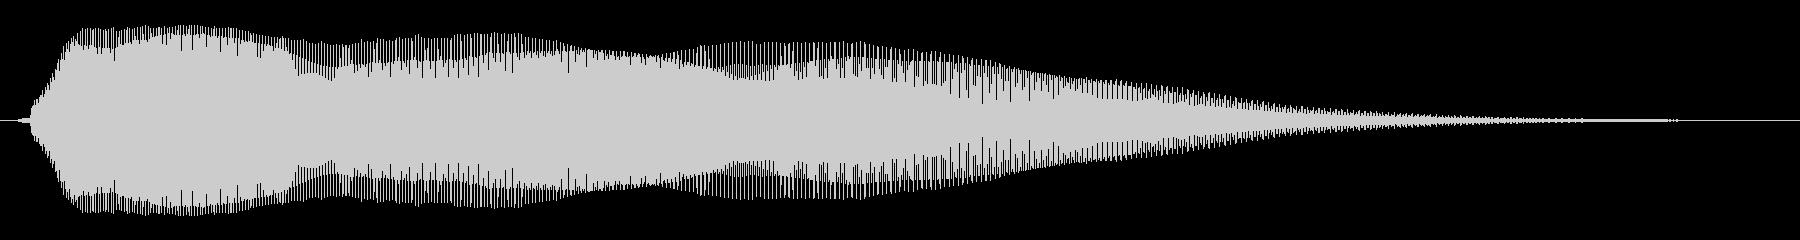 ゆっくりめに落下する音の未再生の波形